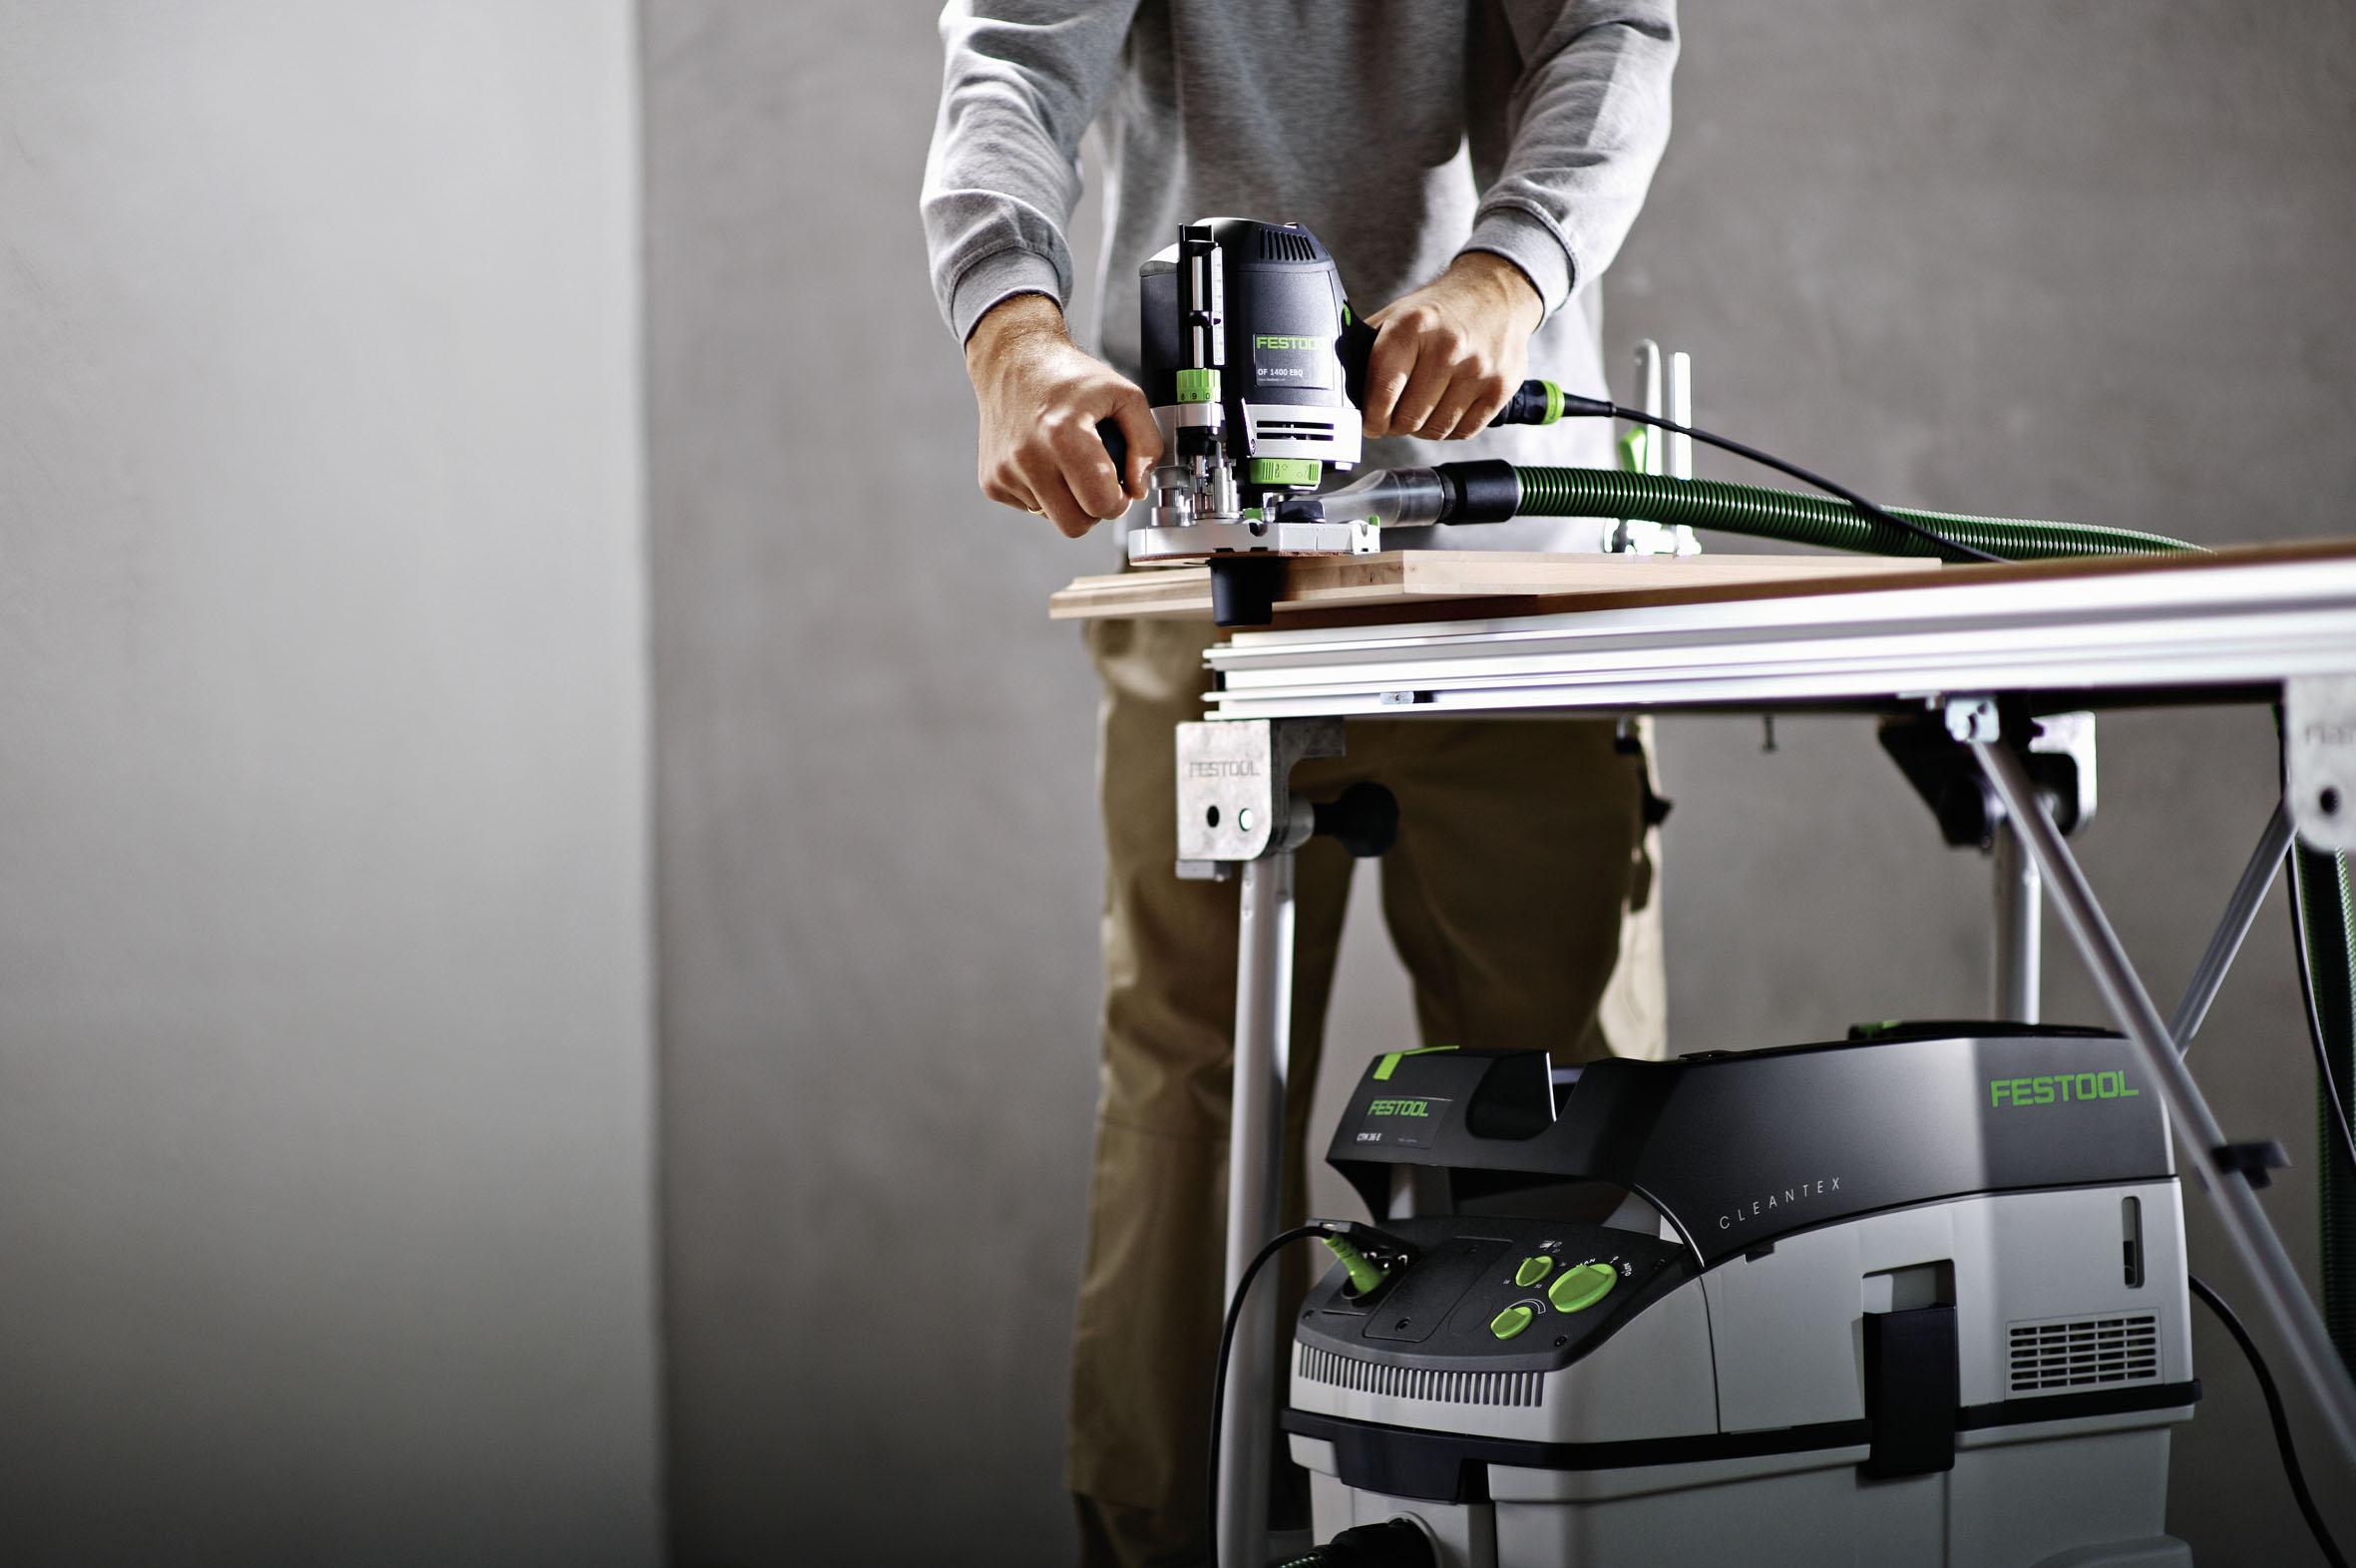 festool absaugmobil cleantec ctl 48 e ac 584085 industriesauger klasse l sauger ebay. Black Bedroom Furniture Sets. Home Design Ideas